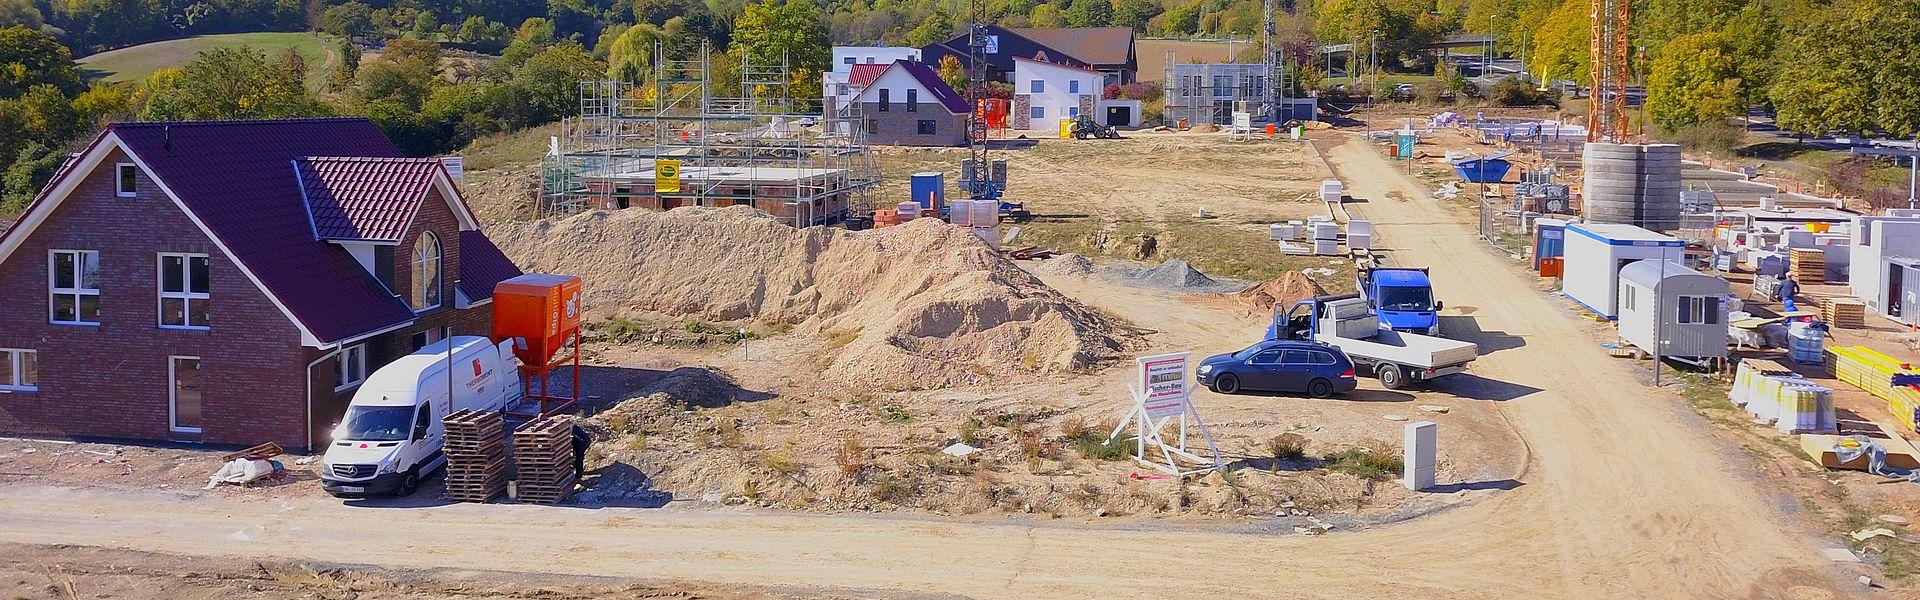 Neubaugebiet-Hildesheim-Neuhof-Hafersiek-Fischer-Bau-Baugebiet-Bauplätze-Baugrundstück-3